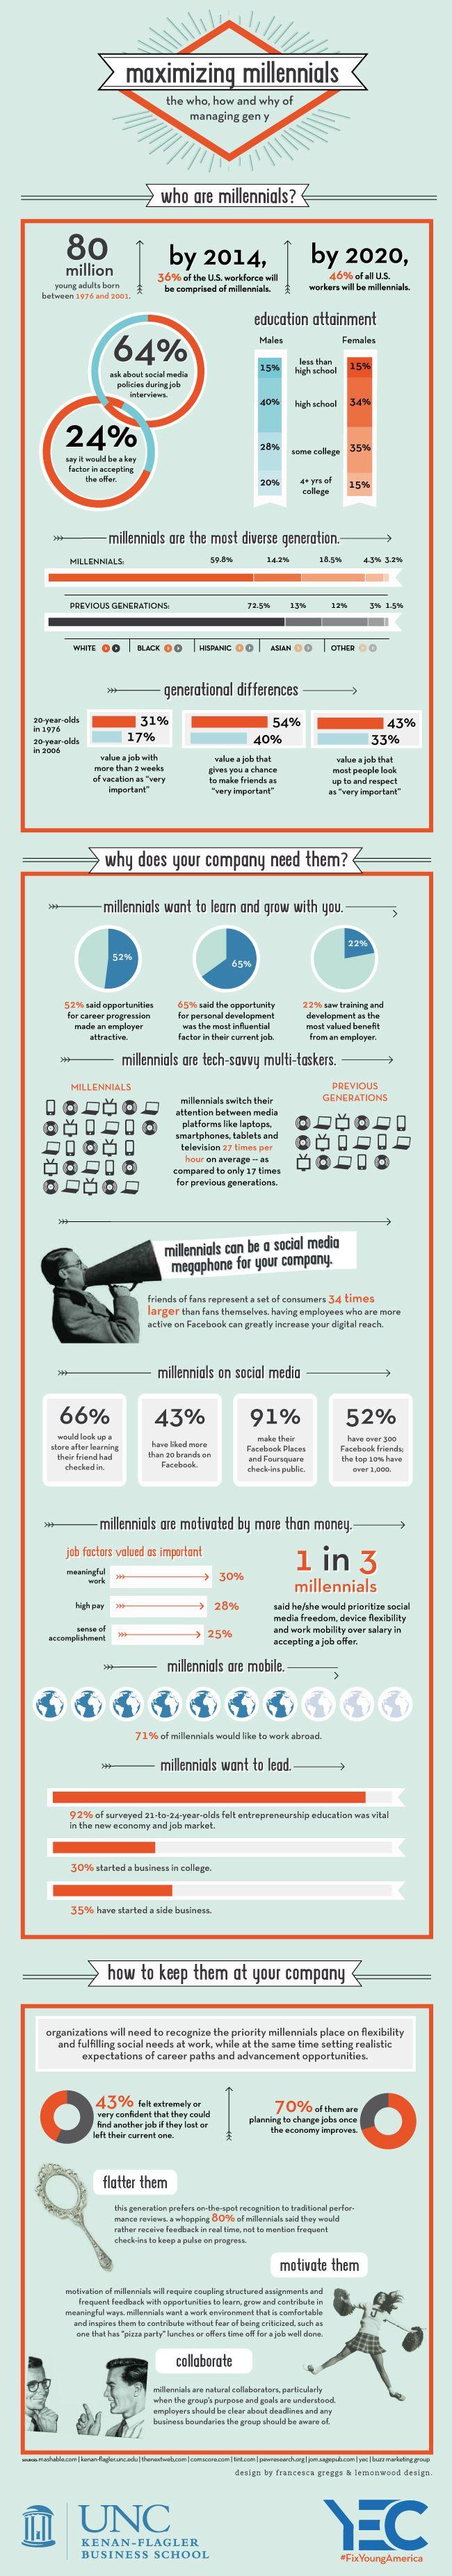 Los Millennials (Generación del Milenio-nacidos entre 1976 y 2001 ), también conocidos como la Generación Y, entran en el lugar de trabajo en números de registro. Ellos son idealistas, diversos, usuarios de tecnología, sociales y quizás lo más importante, ambiciosos. Mientras éstos son todos los rasgos que pueden hacer un impacto positivo en su organización, esto es una alta tarea de retener y motivar a los millennials para una variedad de cuestiones.